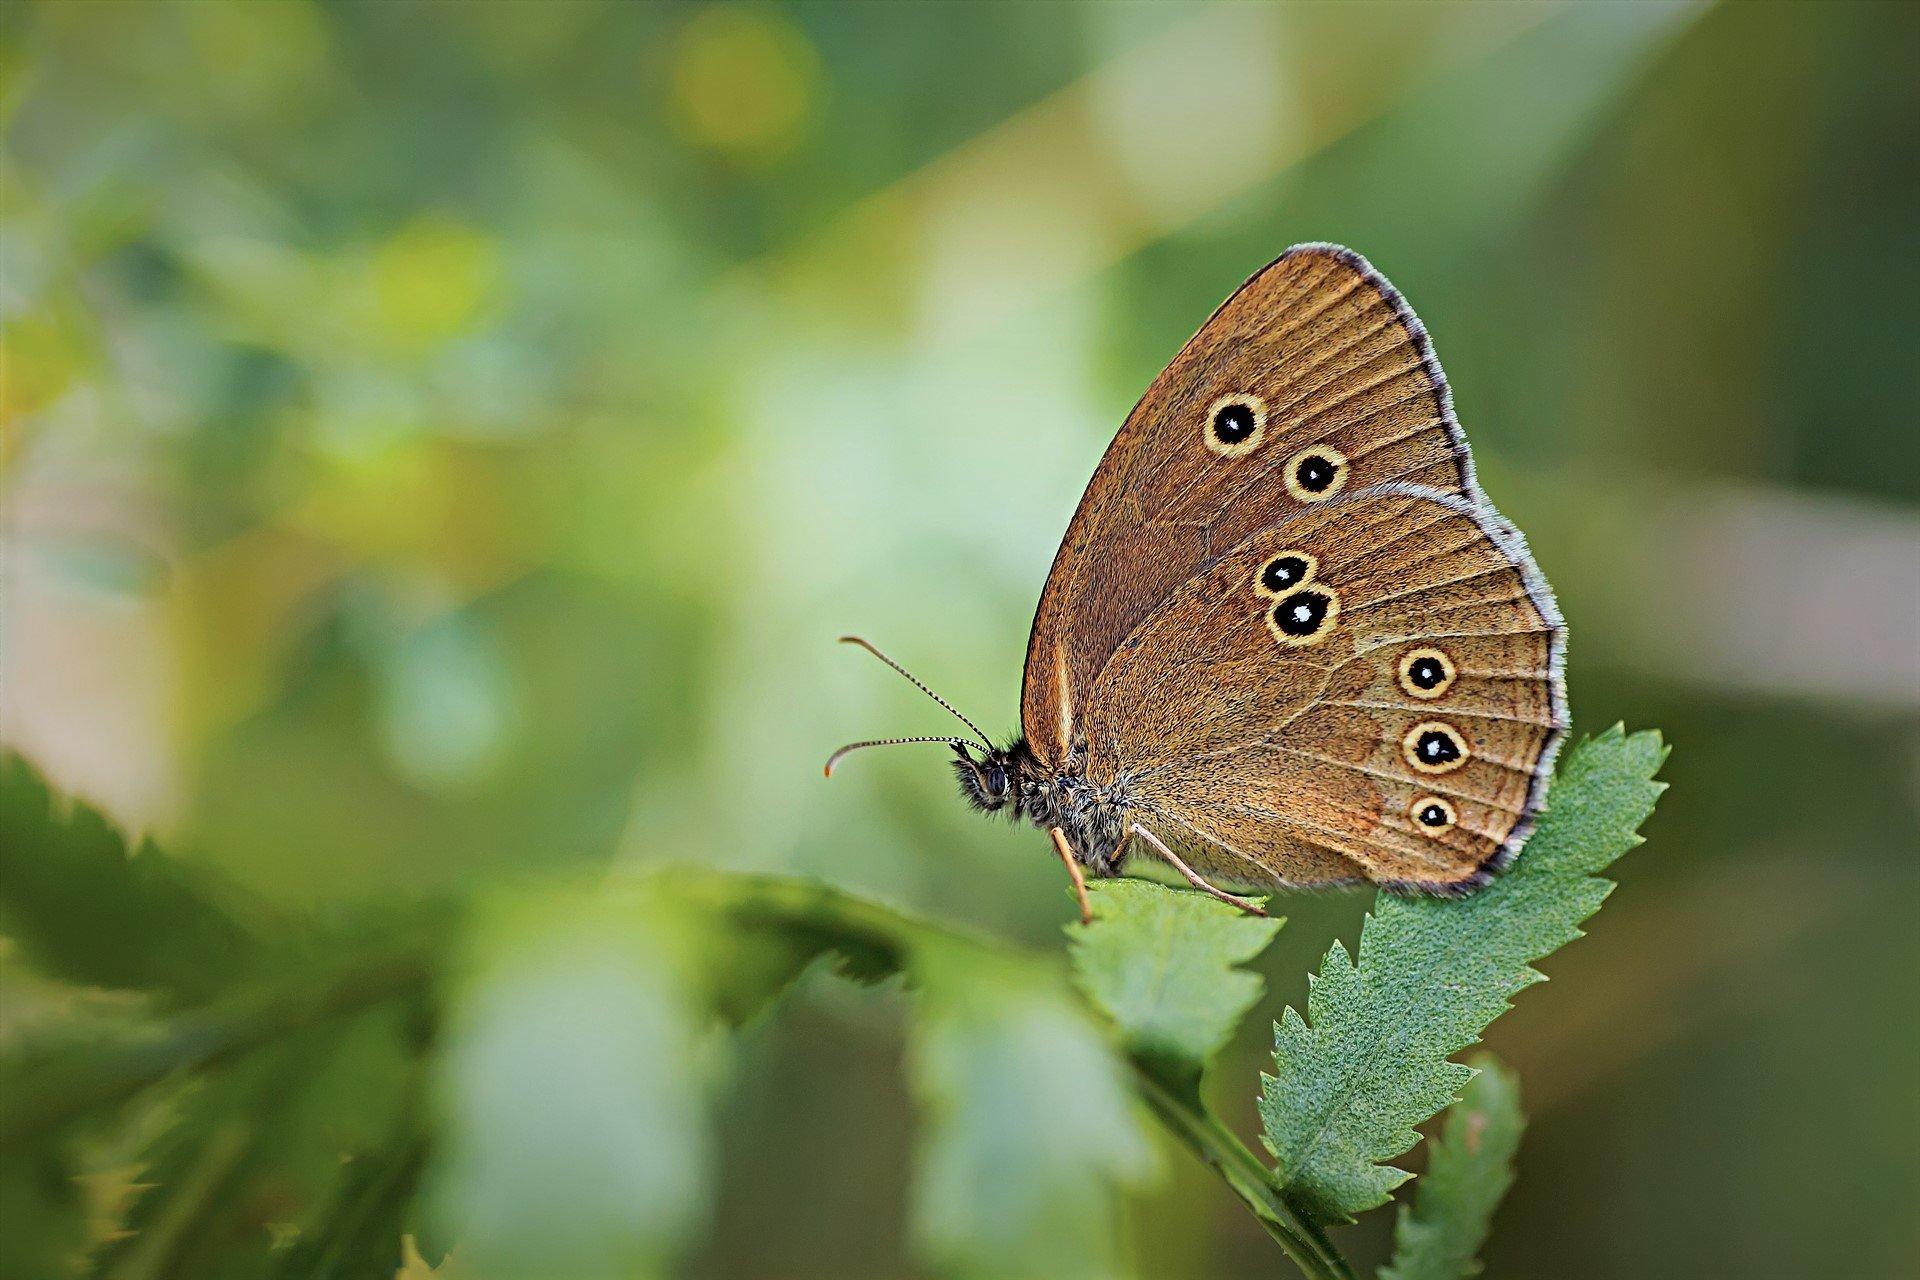 бабочка, трава, крылья, свет, фон, Котов Юрий